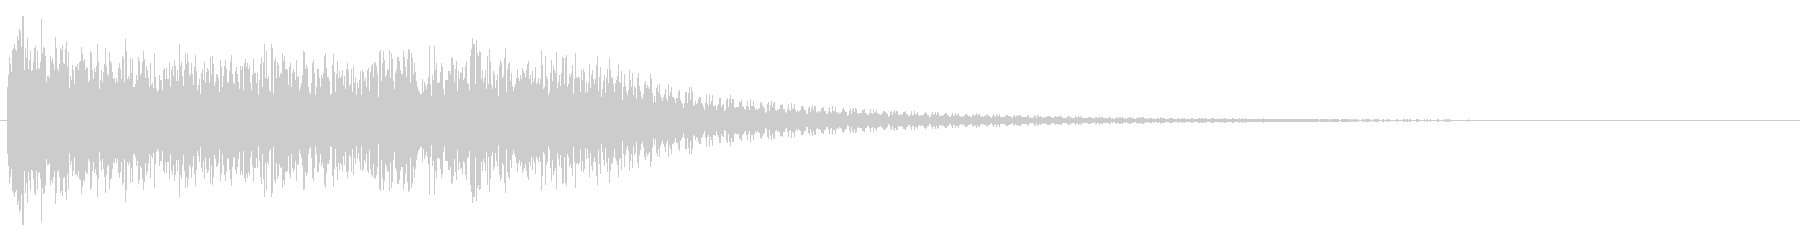 モーフヒット、メタル、エレクトロニ...の未再生の波形